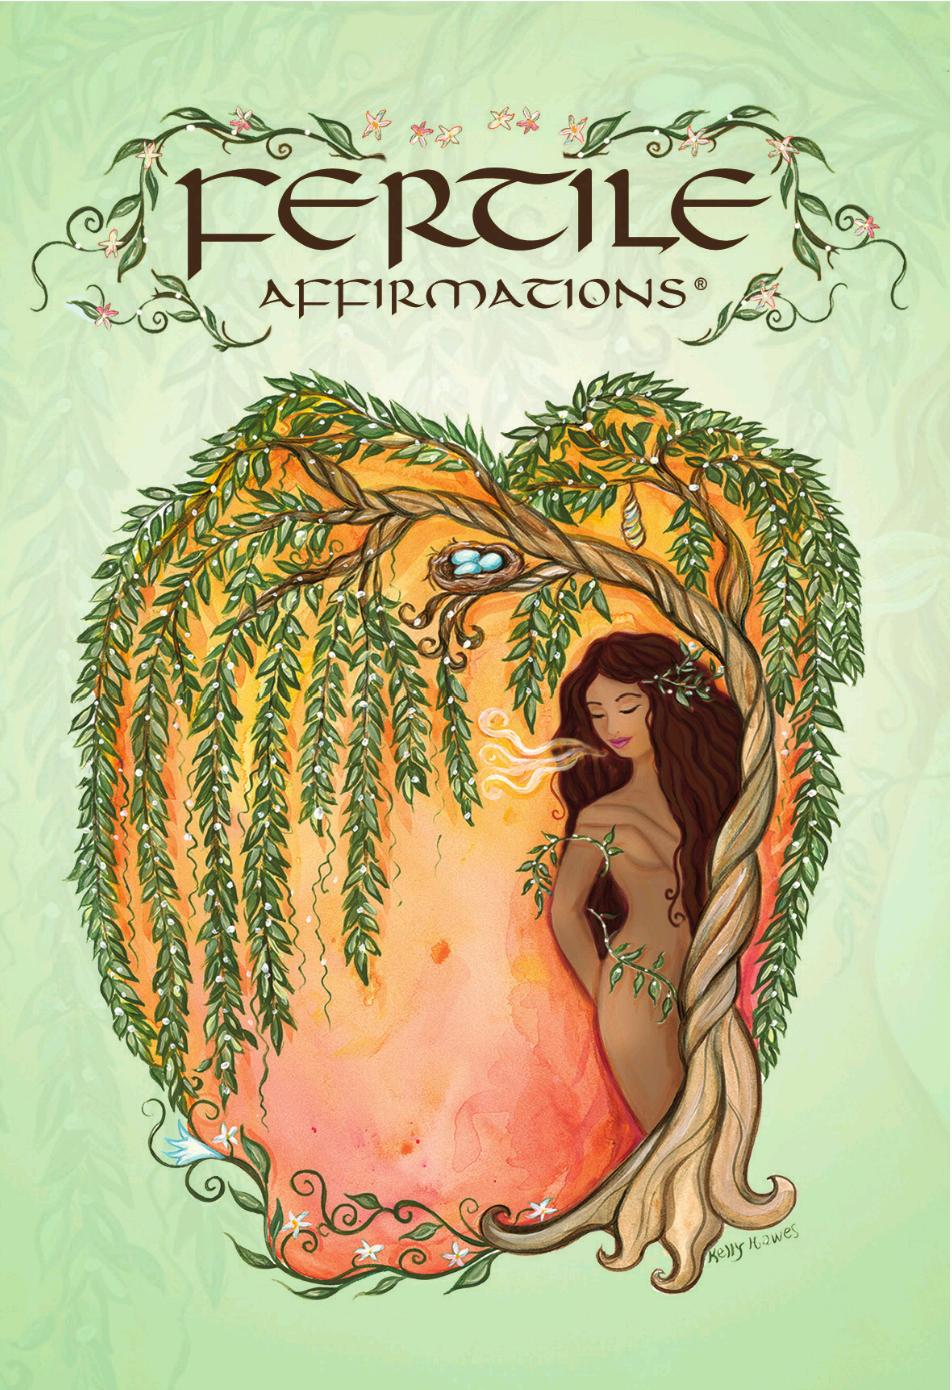 http://fertileaffirmations.com/shop